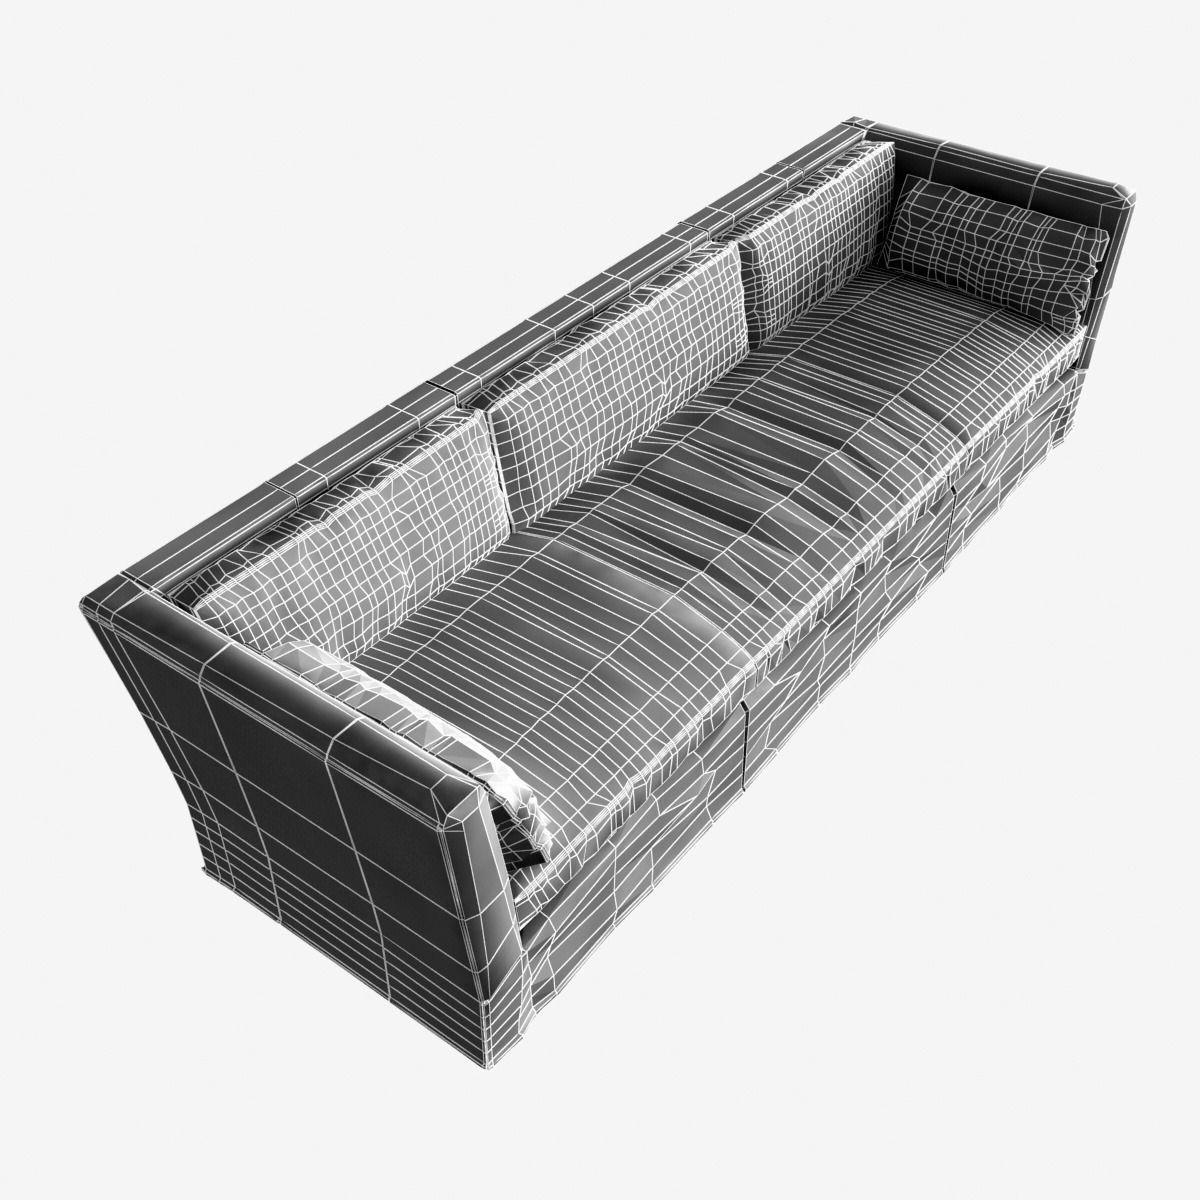 ... Restoration Hardware Belgian Shelter Arm Leather Sofa 3d Model Max Obj  Mtl 3ds Fbx 6 ...